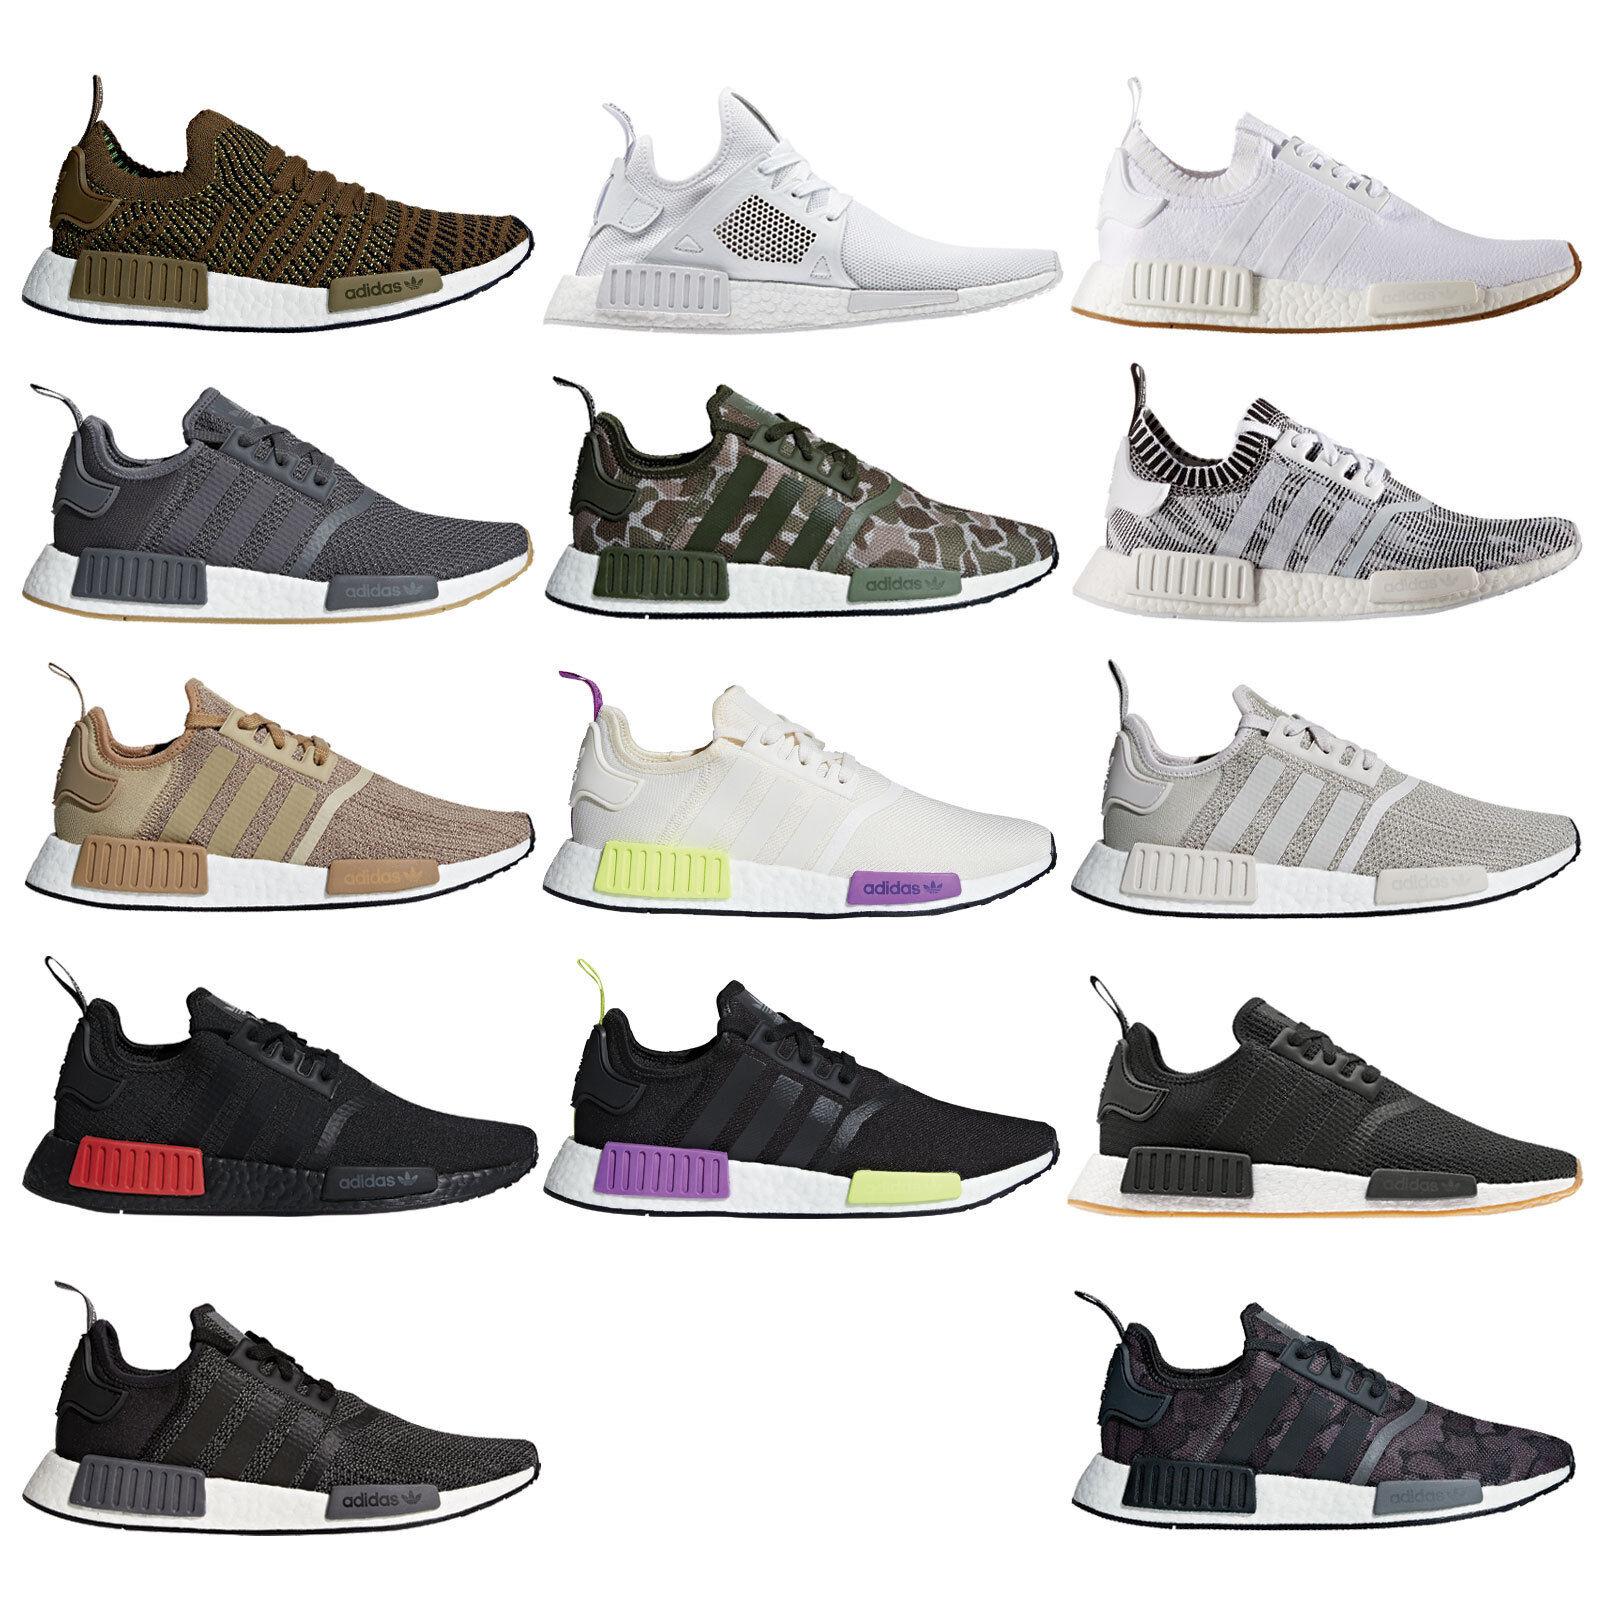 Adidas Originals nmd r1 Nomad caballeroszapatillas calzado de deporte cortos zapatillas calzado caballeroszapatillas deportivo bddd6b